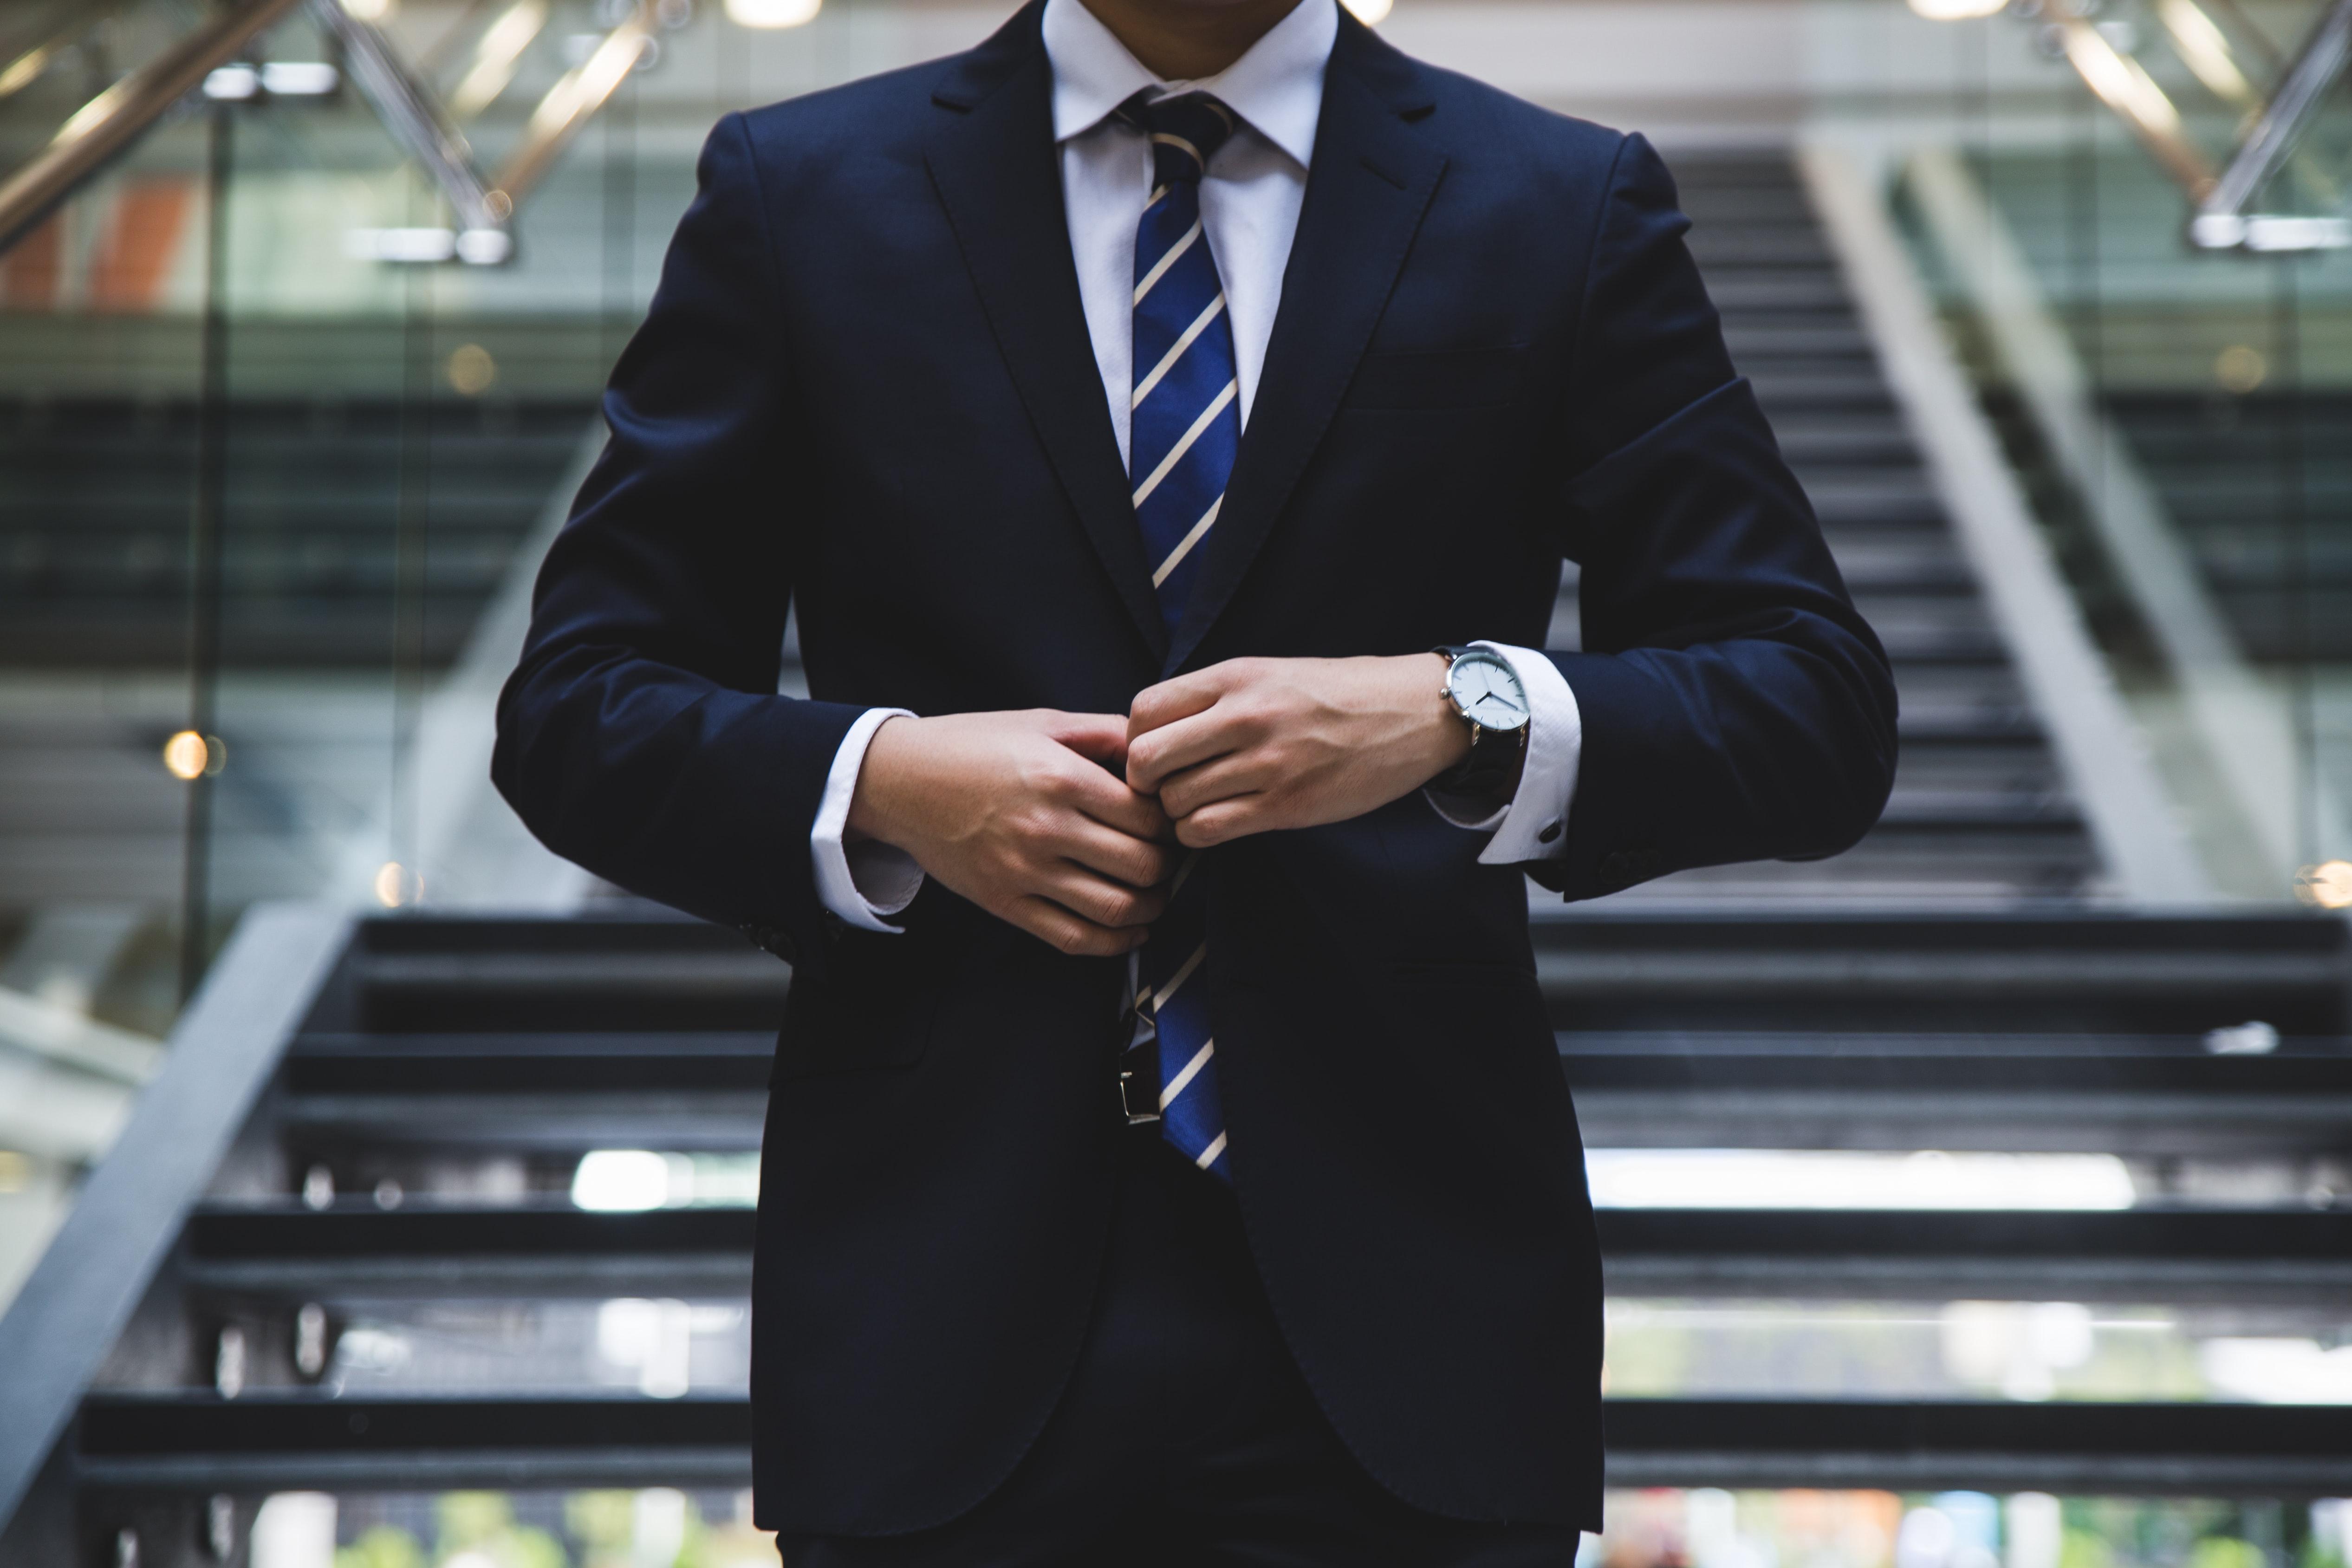 Cómo llegar a ser líder: las claves para dar el paso dentro de tu propia empresa